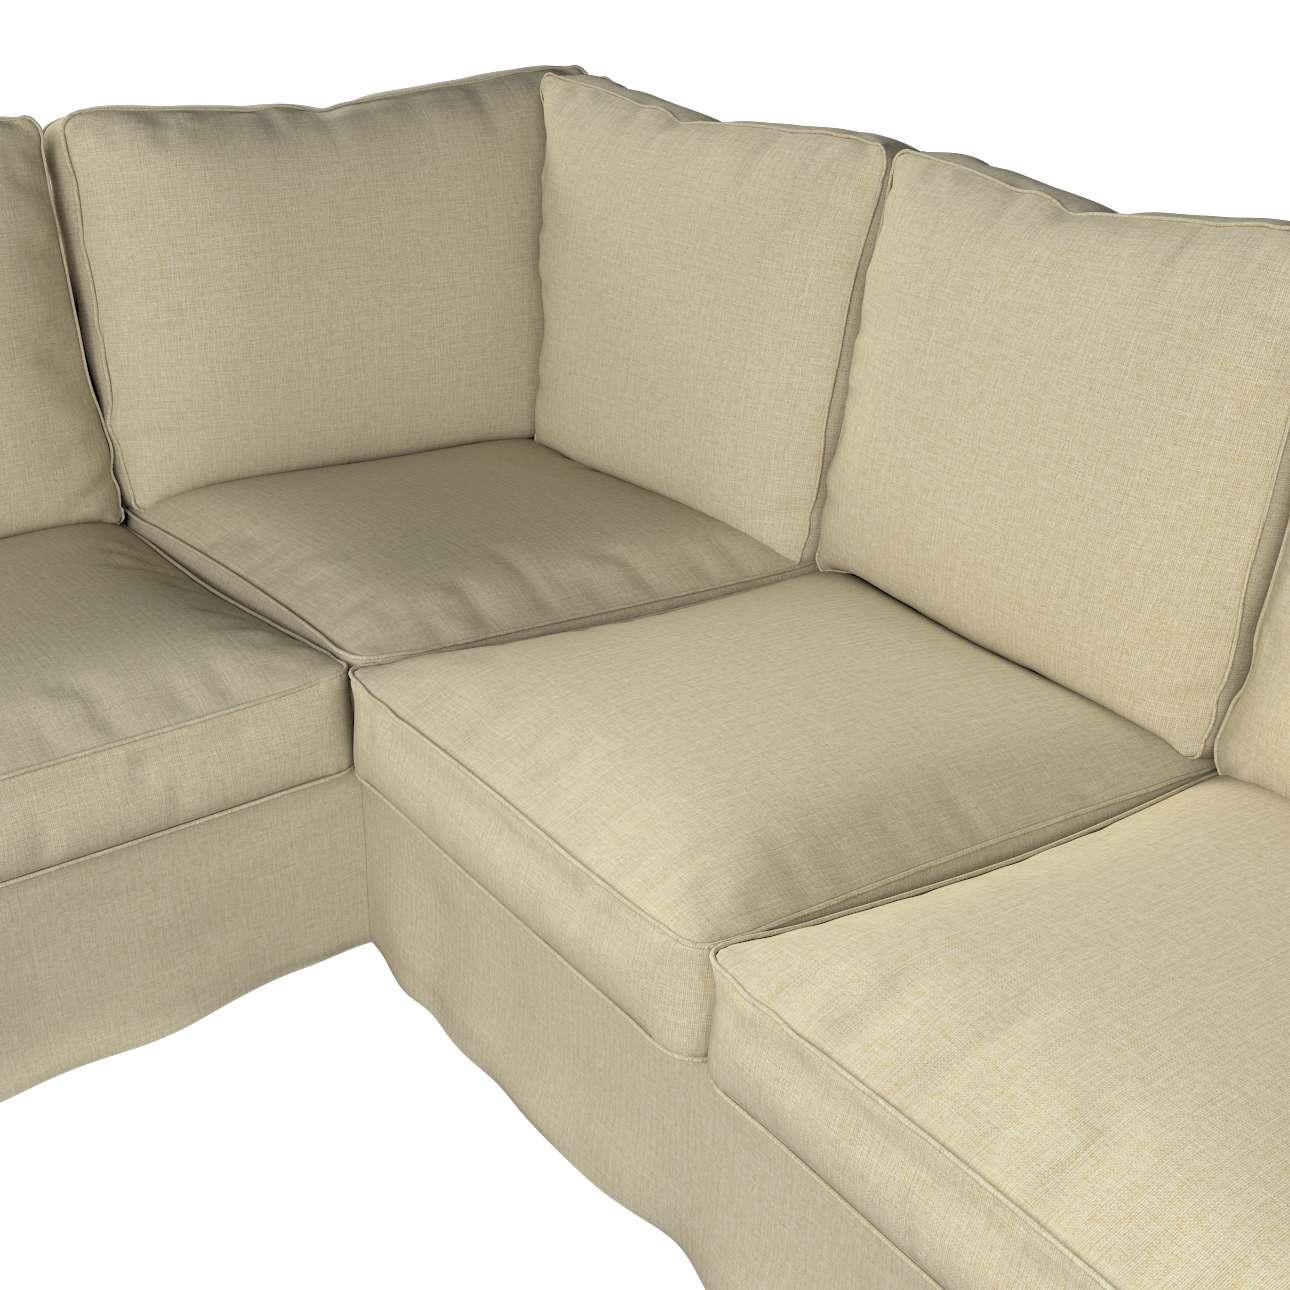 Pokrowiec na sofę narożną Ektorp w kolekcji Living, tkanina: 161-45